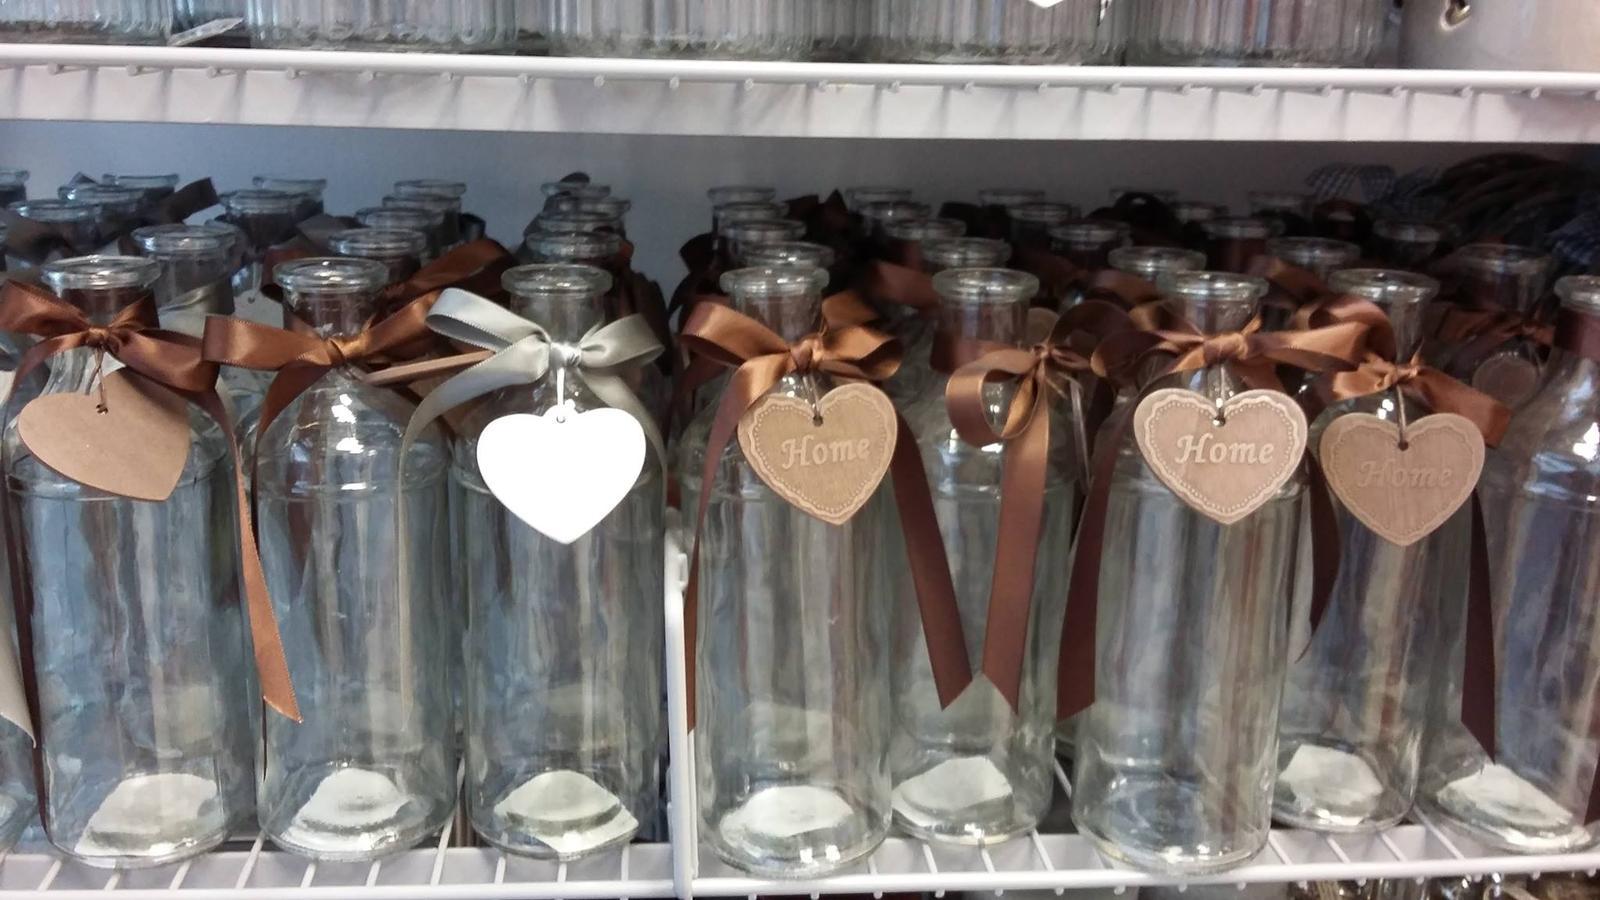 Zlatíčka prosím vás neviete kde by som zohnala takéto fľaštičky ale čisté bez ničoho? Dorobím si ich sama len neviem kde to zohnať, ďakujeeem :-* - Obrázok č. 1